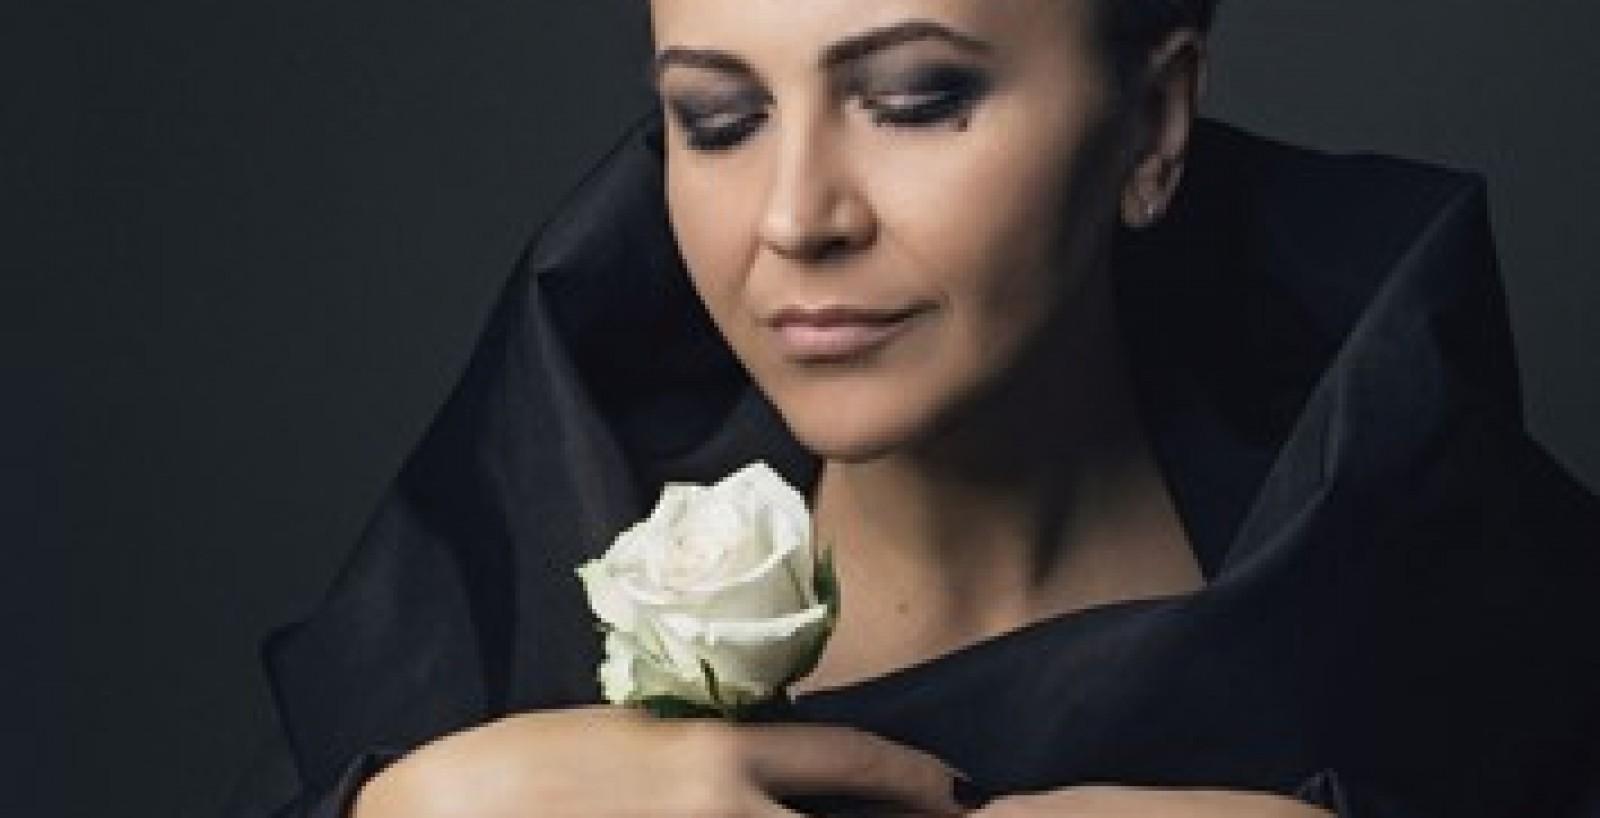 Kraljica sevdaha Amira Medunjanin u POUVG